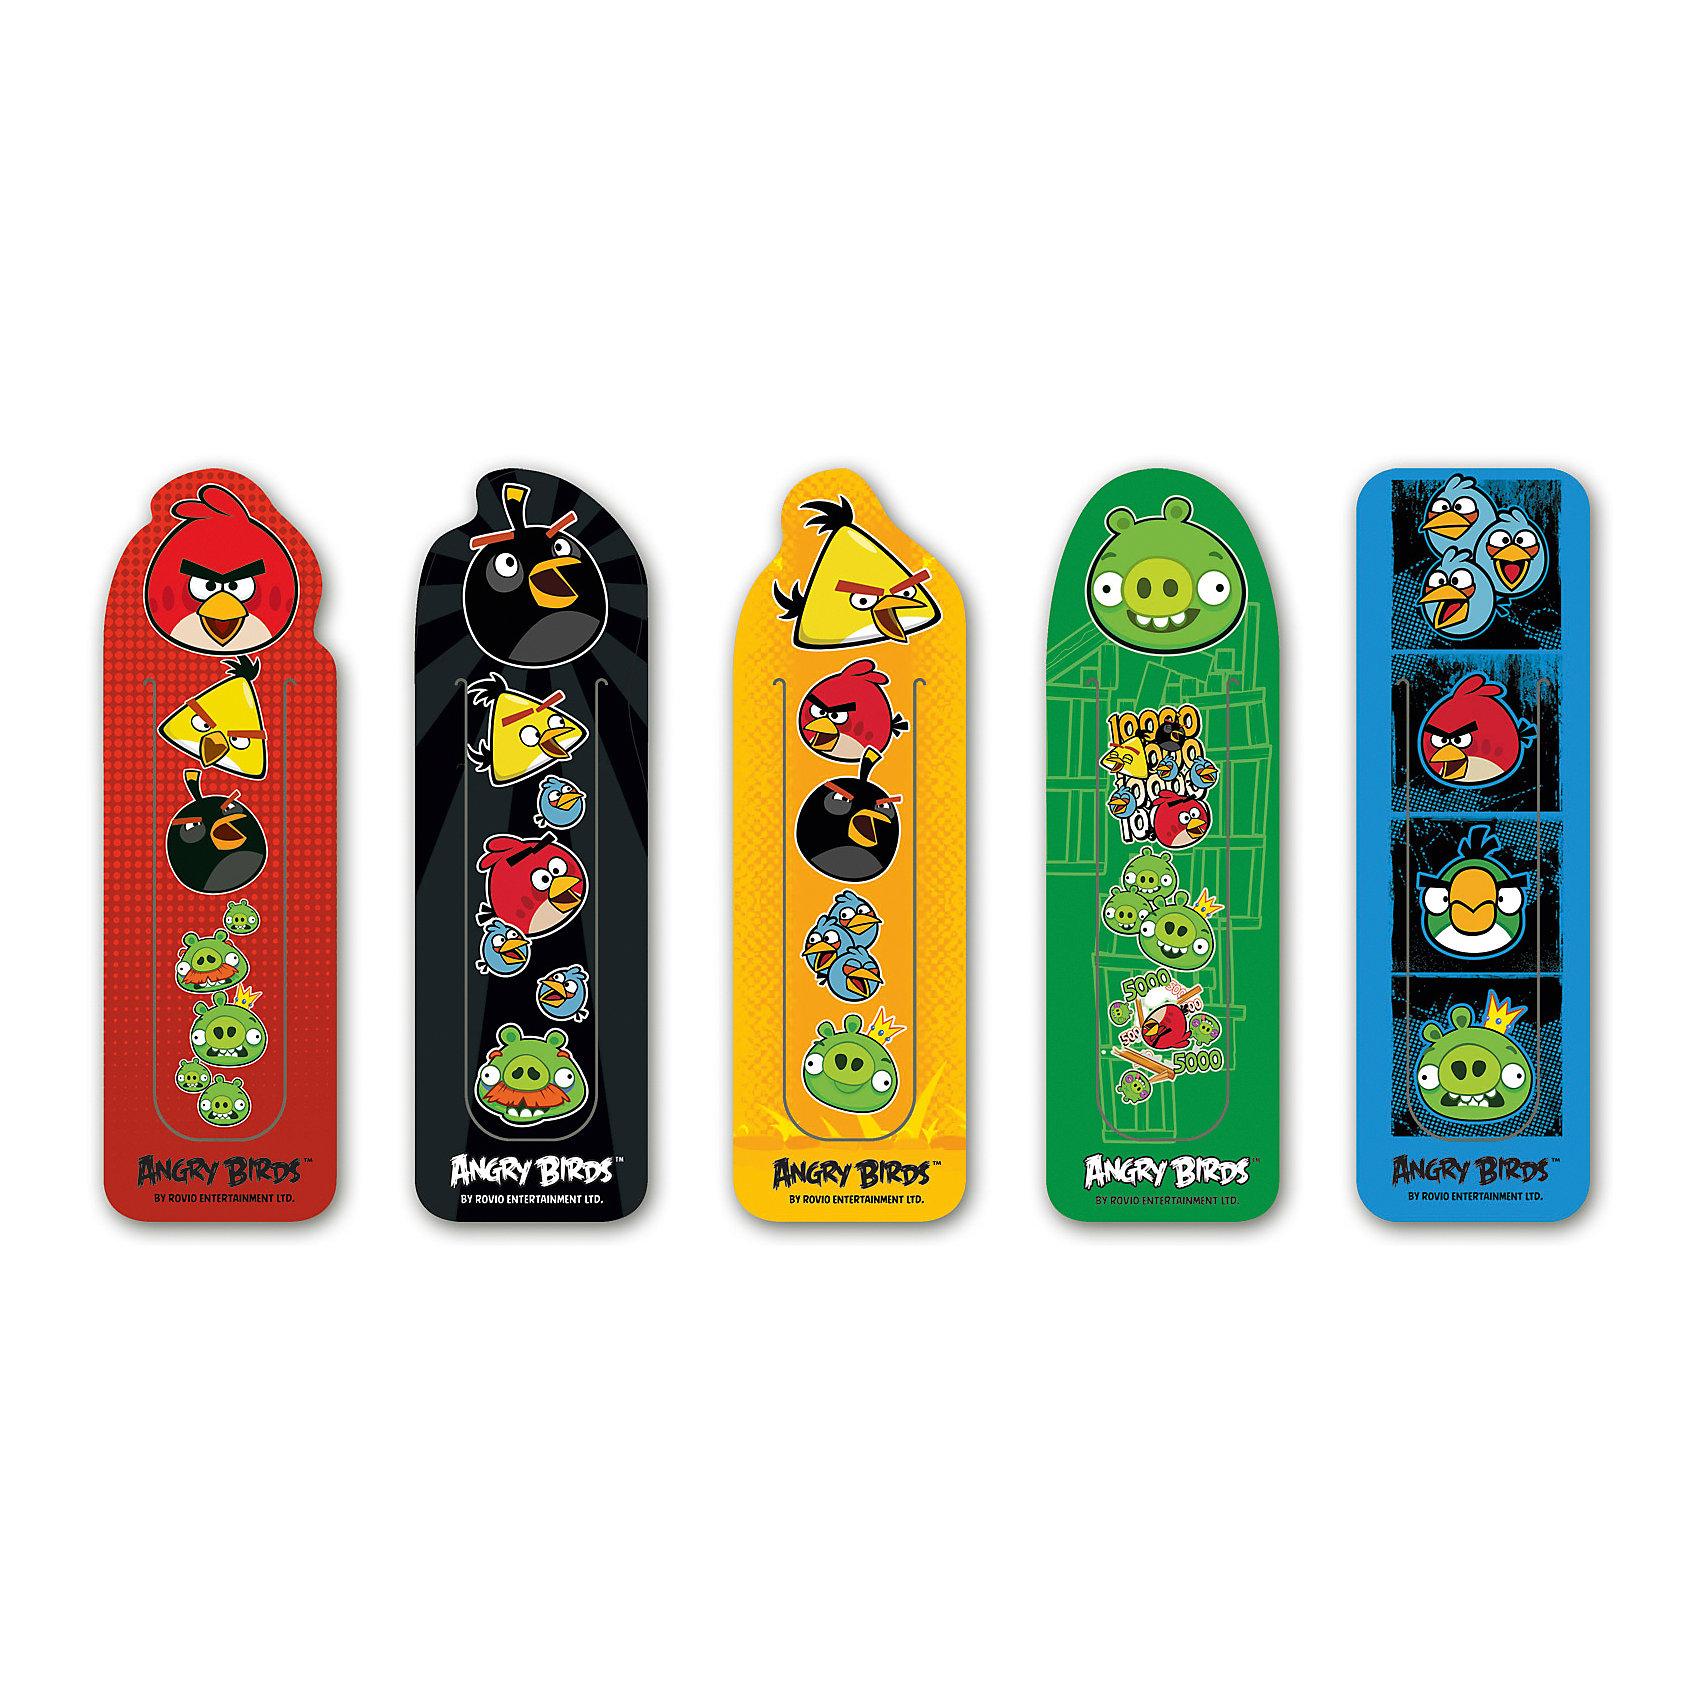 Набор фигурных закладок Angry Birds (5 шт)Angry Birds<br>Набор фигурных закладок Angry Birds (5 шт)<br><br>Характеристики:<br><br>• В комплекте: 5 штук<br>• Вес: 19г<br>• Размер: 260х3х230мм<br><br>Набор фигурных закладок с героями знаменитого мультфильма не оставит ребенка равнодушным. Такие закладки очень удобно фиксируют страницу, на которой остановился ребенок. Также их можно расположить сбоку, тем самым пометив строку, на которой остановили чтение.<br><br>Набор фигурных закладок Angry Birds (5 шт) можно купить в нашем интернет-магазине.<br><br>Ширина мм: 260<br>Глубина мм: 3<br>Высота мм: 230<br>Вес г: 19<br>Возраст от месяцев: 48<br>Возраст до месяцев: 144<br>Пол: Унисекс<br>Возраст: Детский<br>SKU: 5390333